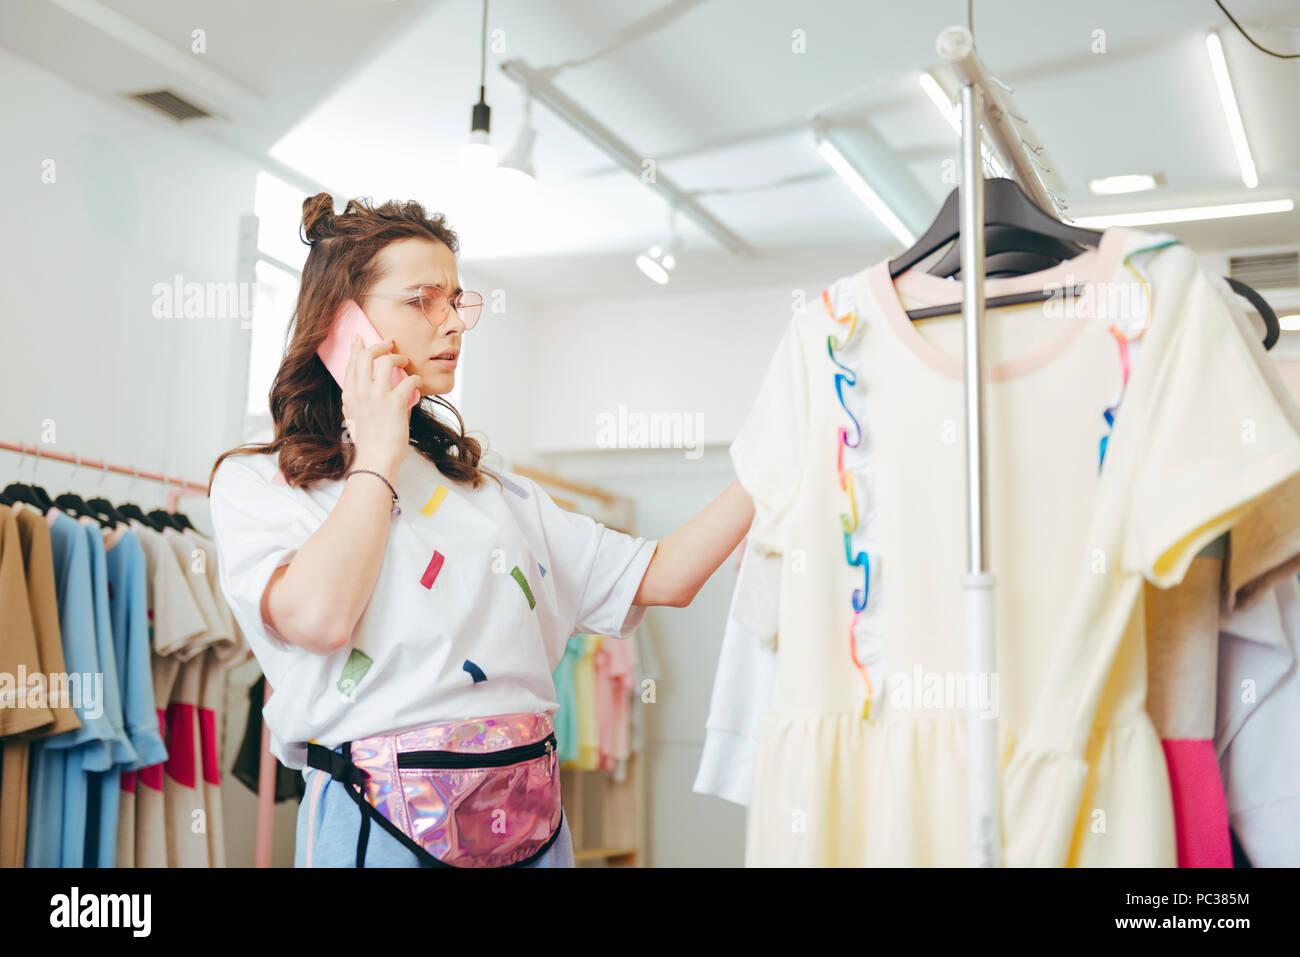 Aufruf Mann. Dunkelhaarige modische Freundin ihren Mann fragen für den Kauf neuer Kleidung aufrufen Stockbild